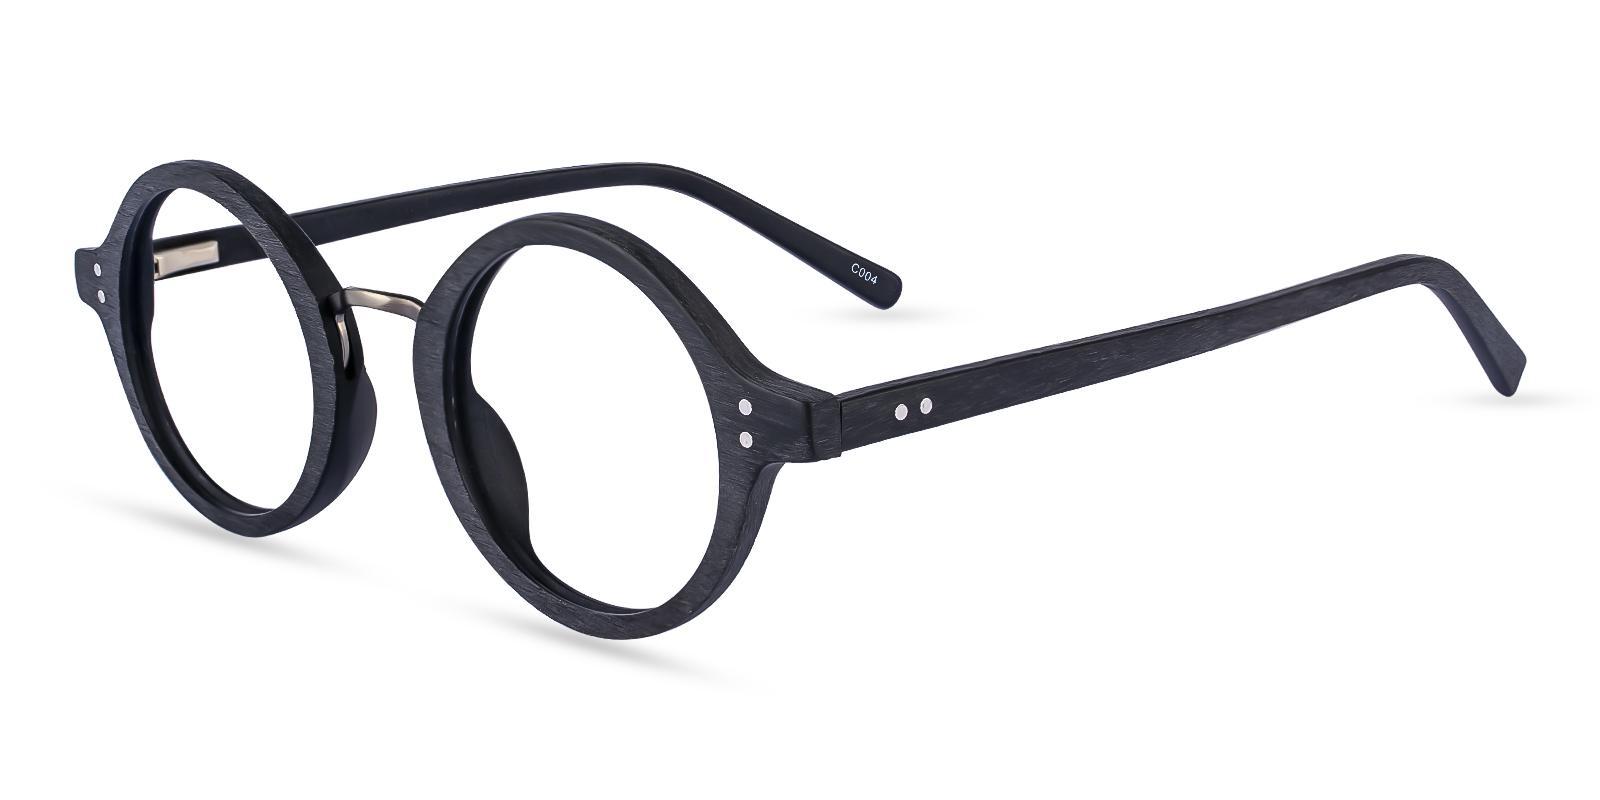 Piggott Black Acetate Eyeglasses , SpringHinges , UniversalBridgeFit Frames from ABBE Glasses